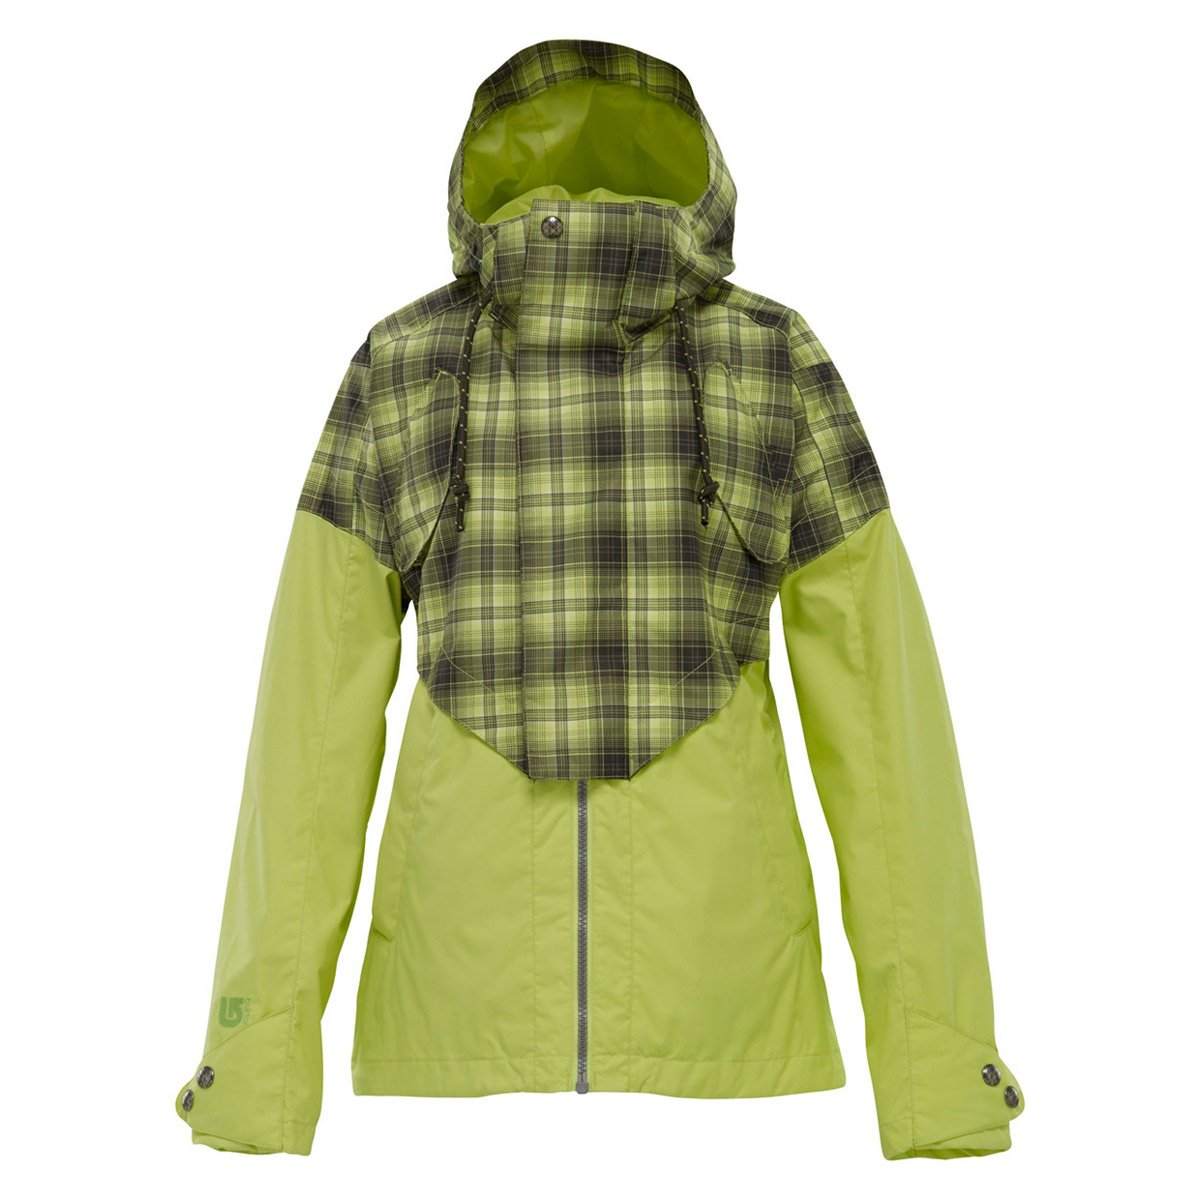 Burton Damen Snowboardjacke CREDENCE jetzt kaufen